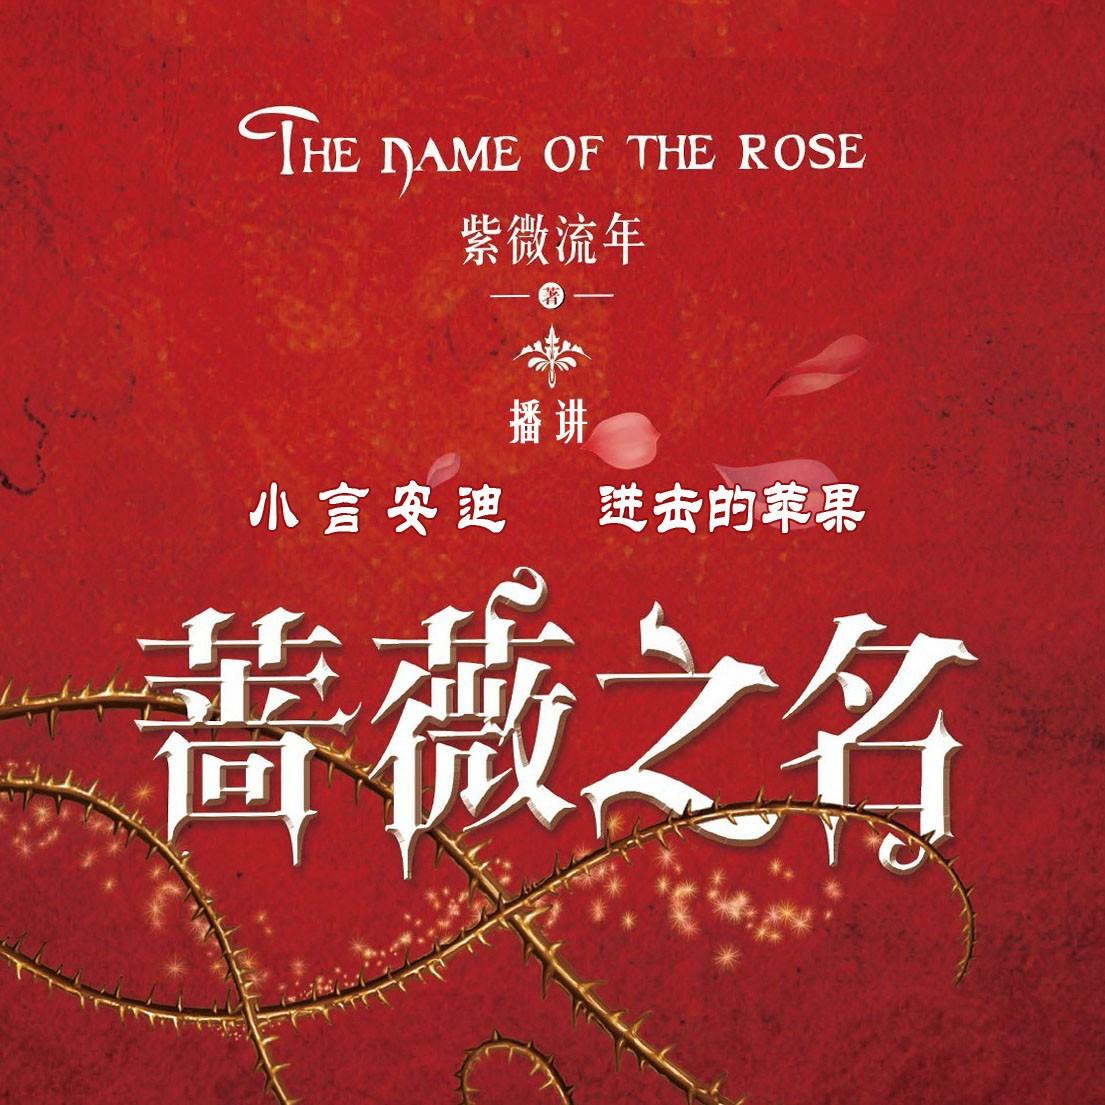 蔷薇之名-紫微流年[著]-小言安迪[播讲][QQ交流群: 544708268]